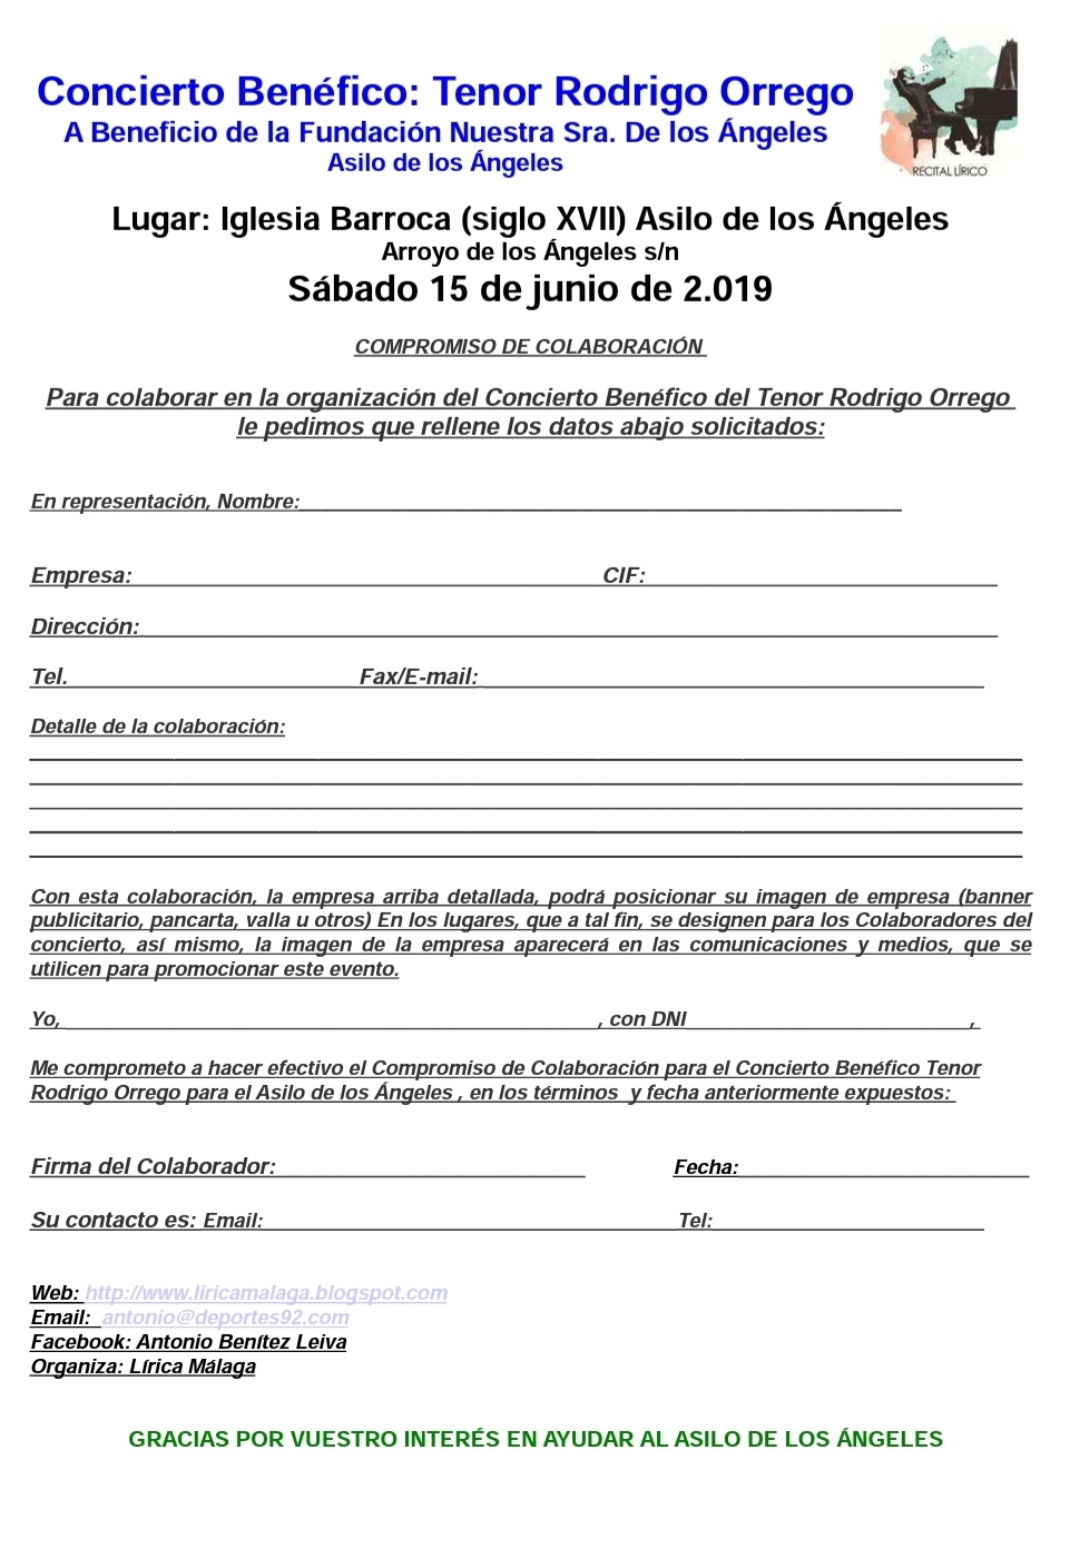 Documento para empresas, particulares y empresas colaboradoras